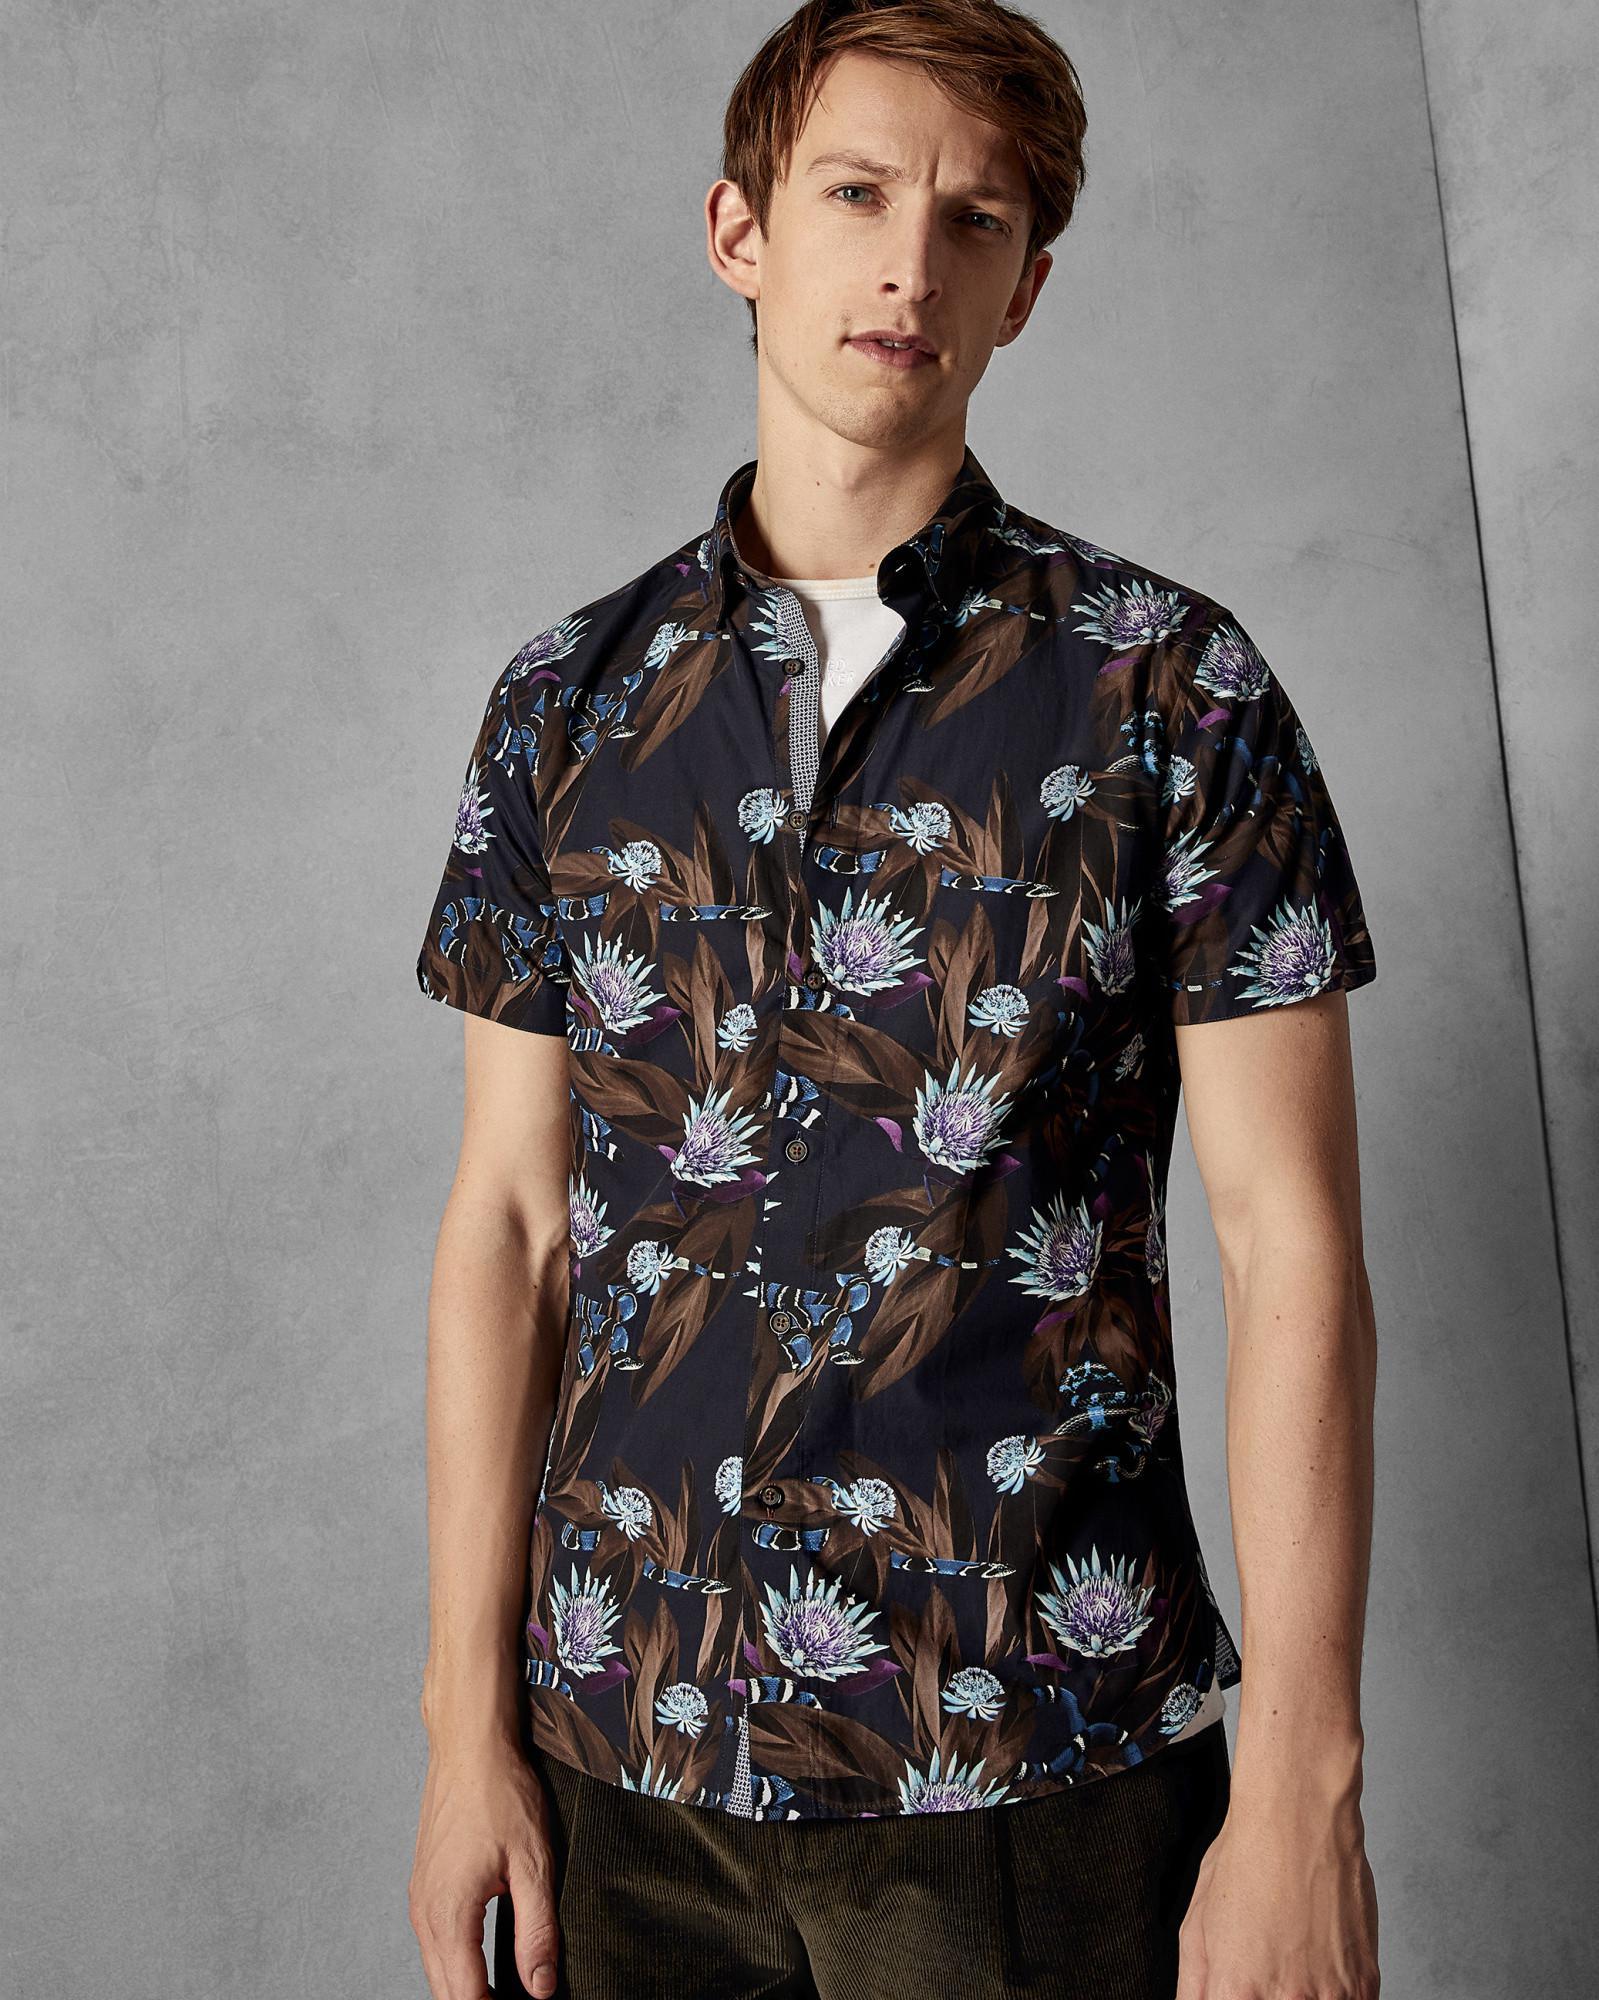 2eab1ec64 Ted Baker Short Sleeved Cotton Snake Print Shirt in Blue for Men - Lyst